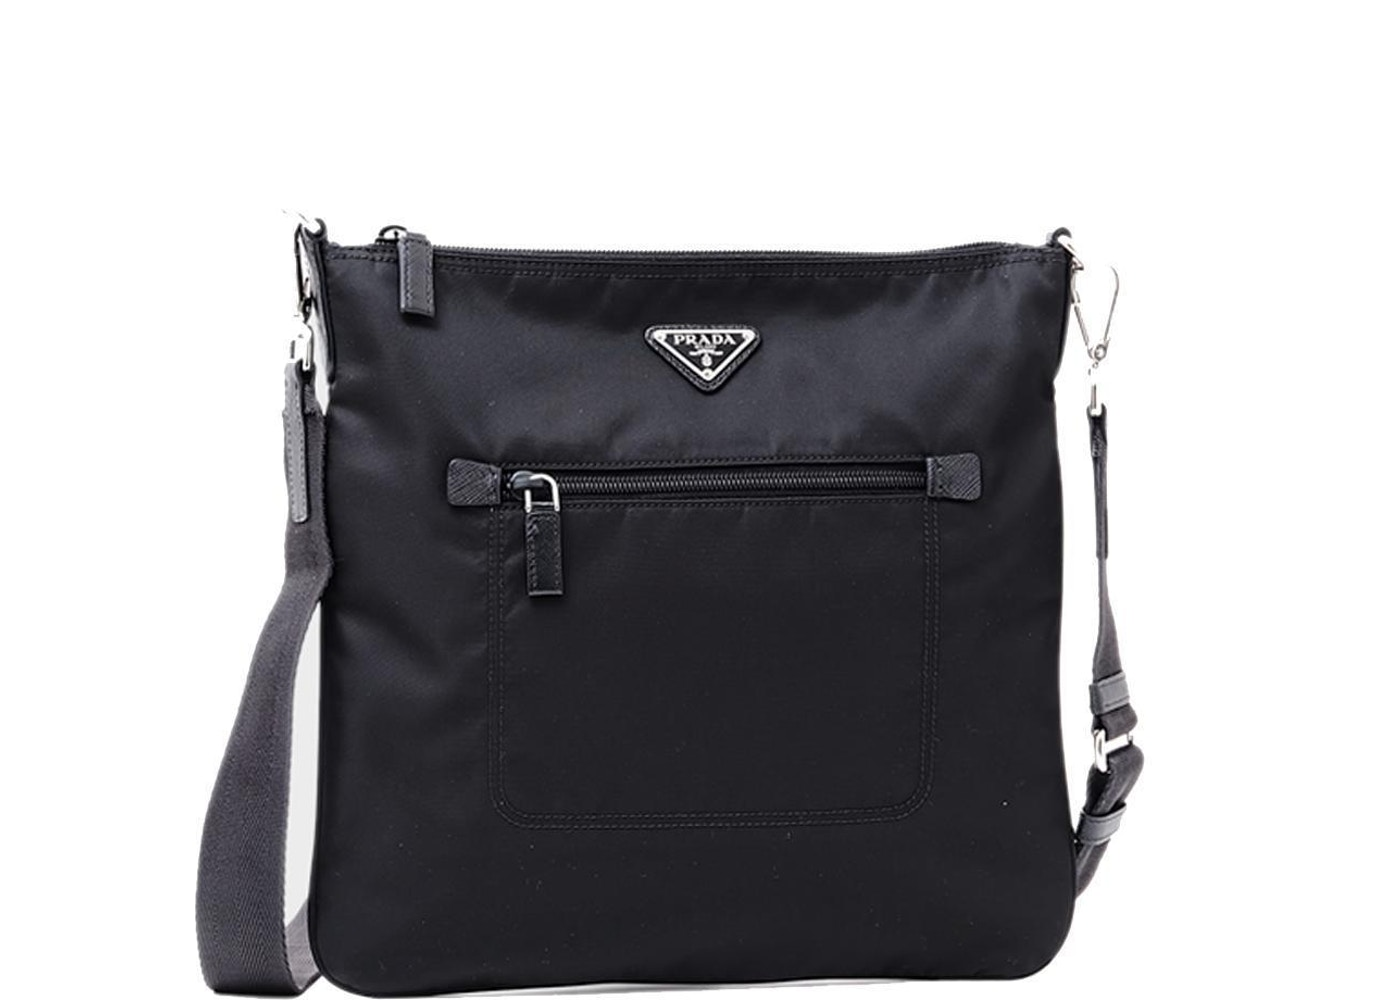 7bc8b12a6f0a Buy   Sell Prada Luxury Handbags